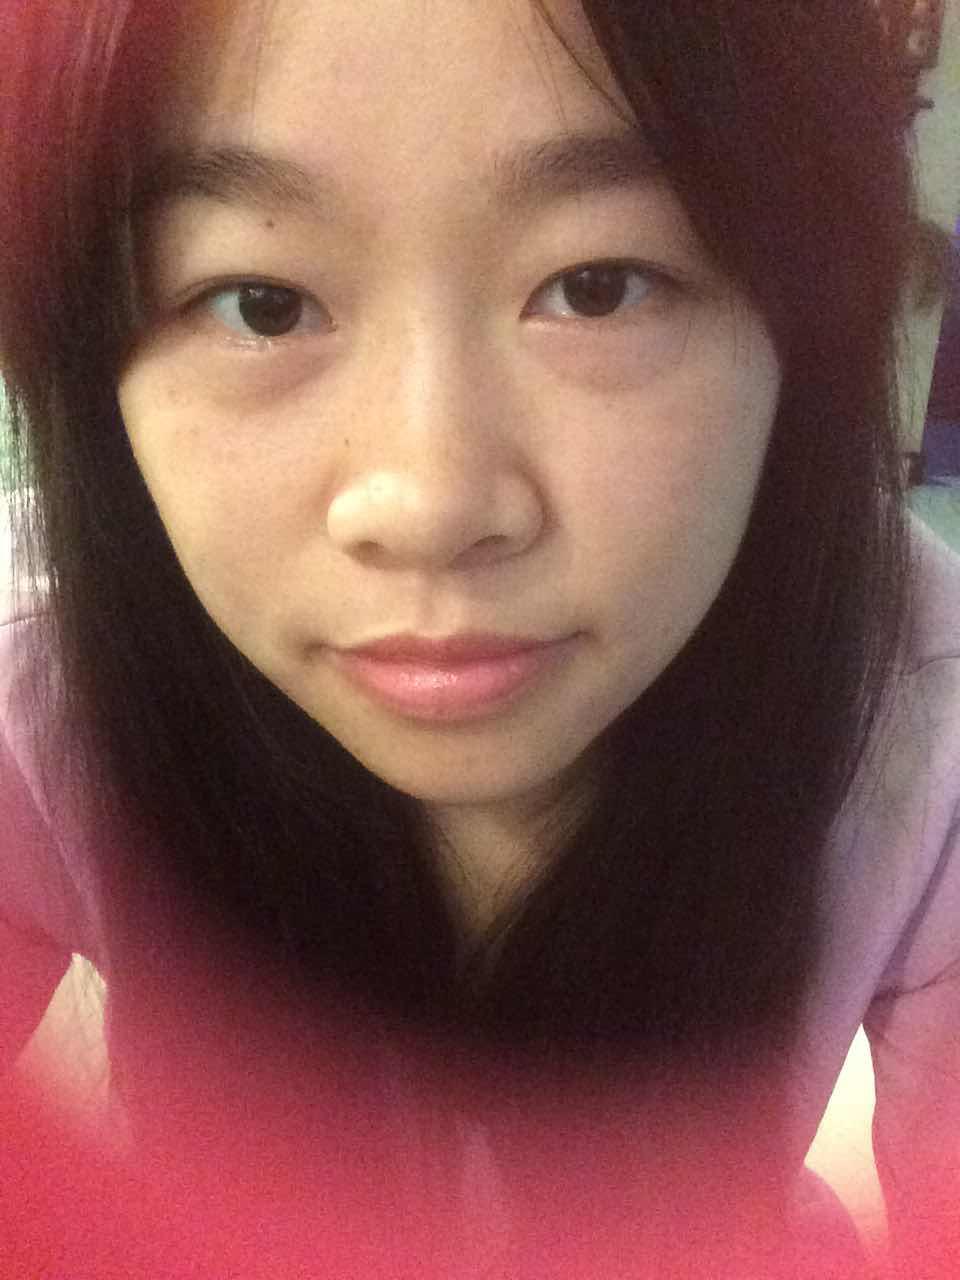 双眼皮哪里做良好,天津哪些整形医院做的比较好?我像做双眼皮